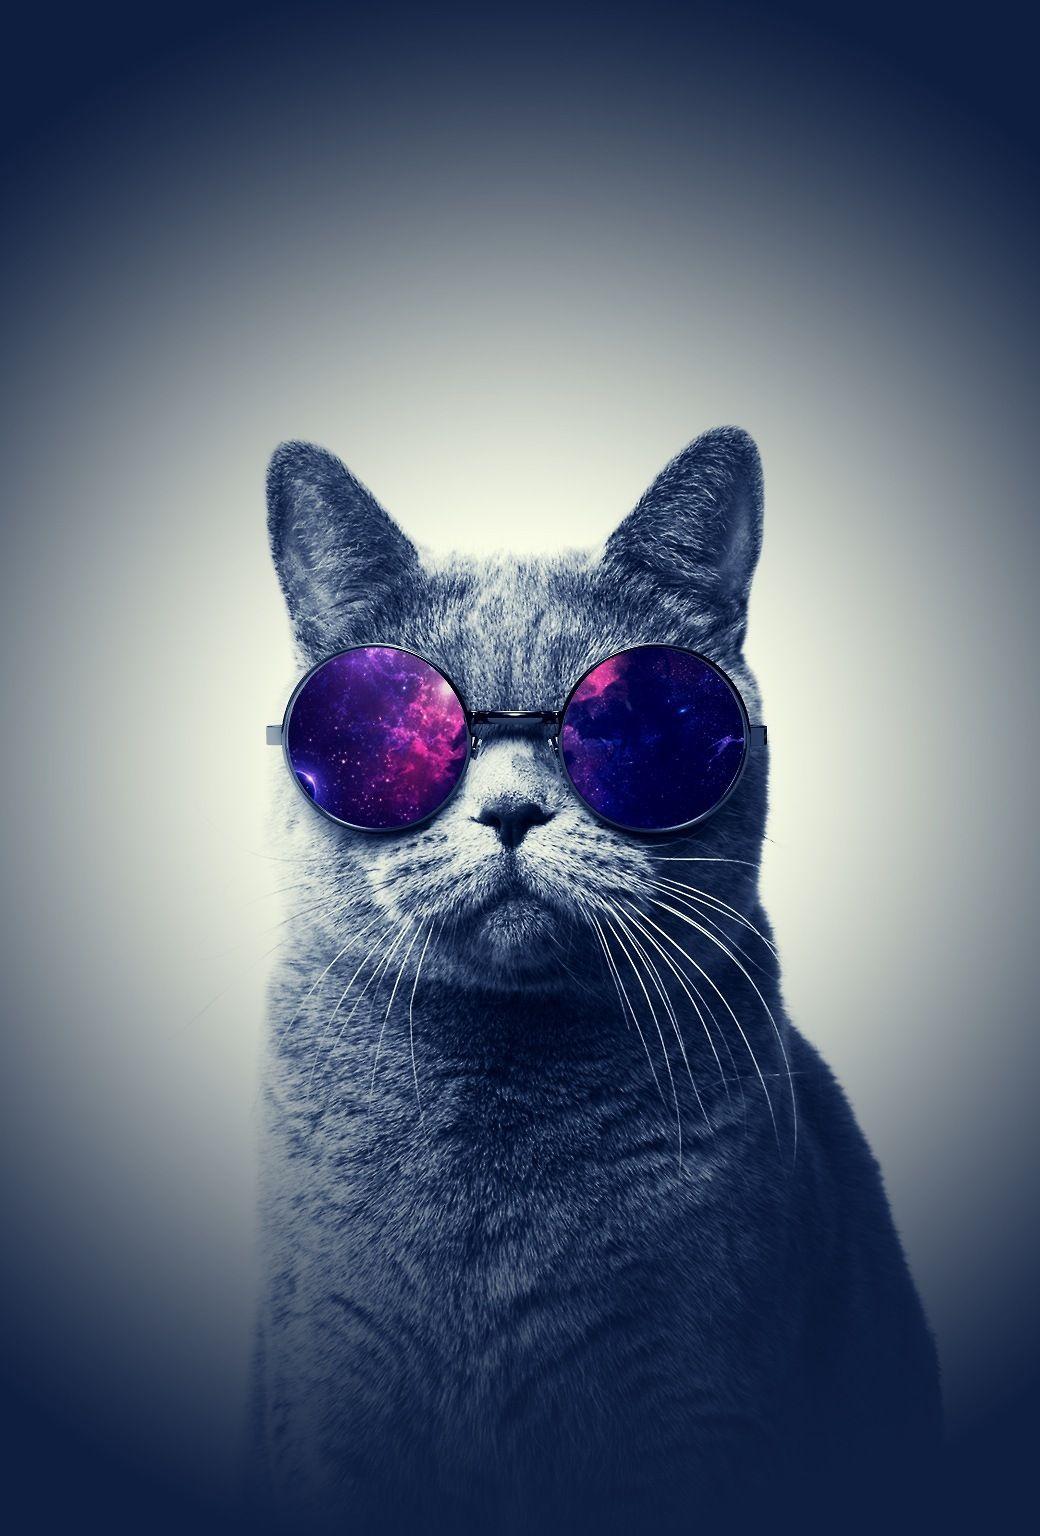 Автослесарь вставить, картинки с смешными котами на вайбер прикольные